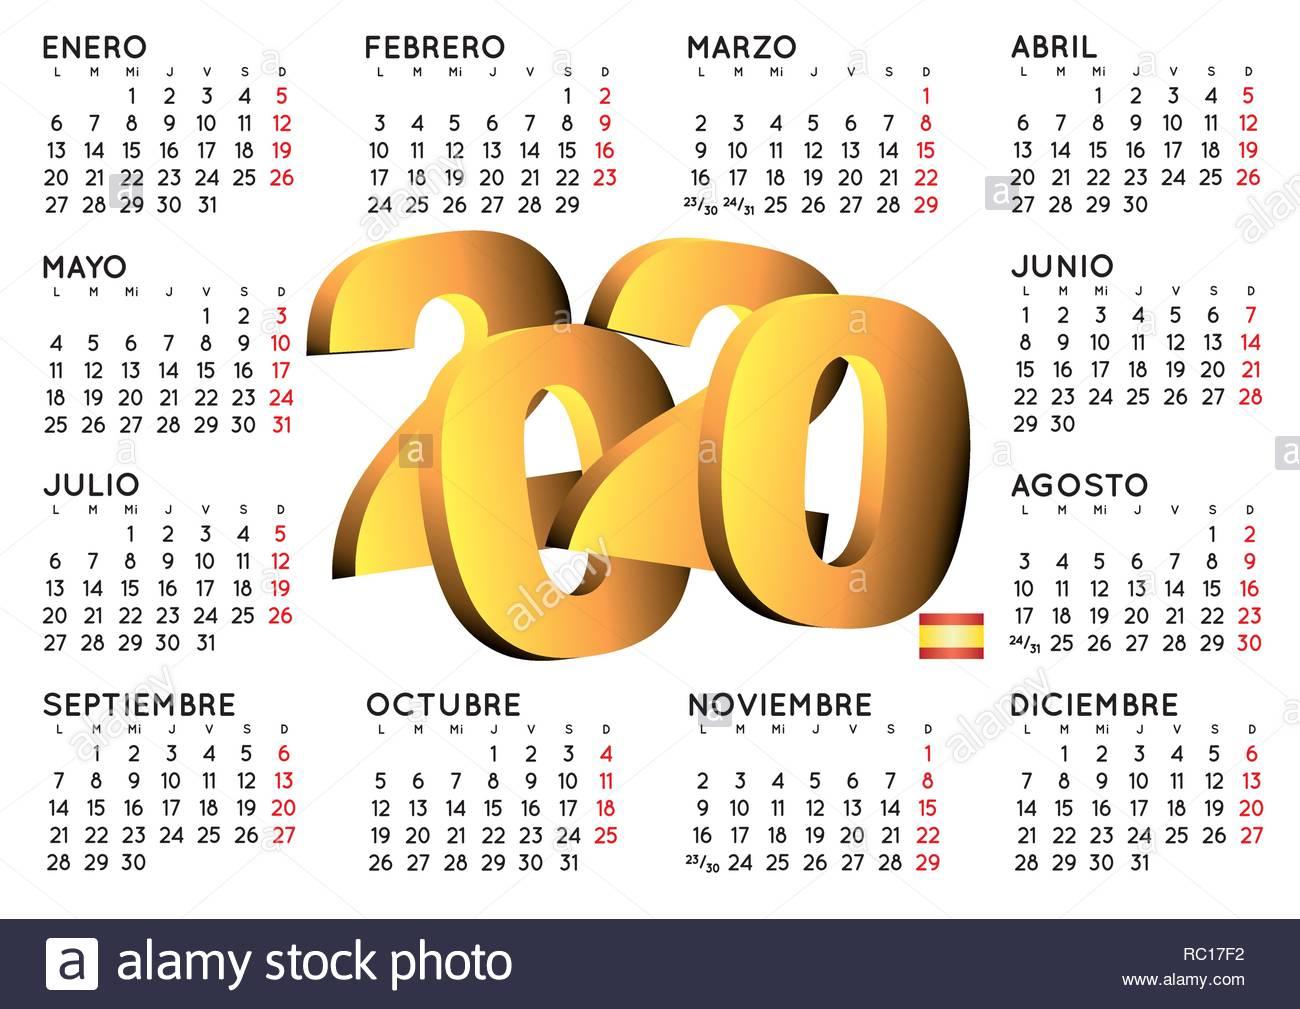 Calendario 2020 Gratis Con Foto.Calendario D 2020 Calendar Printable Free